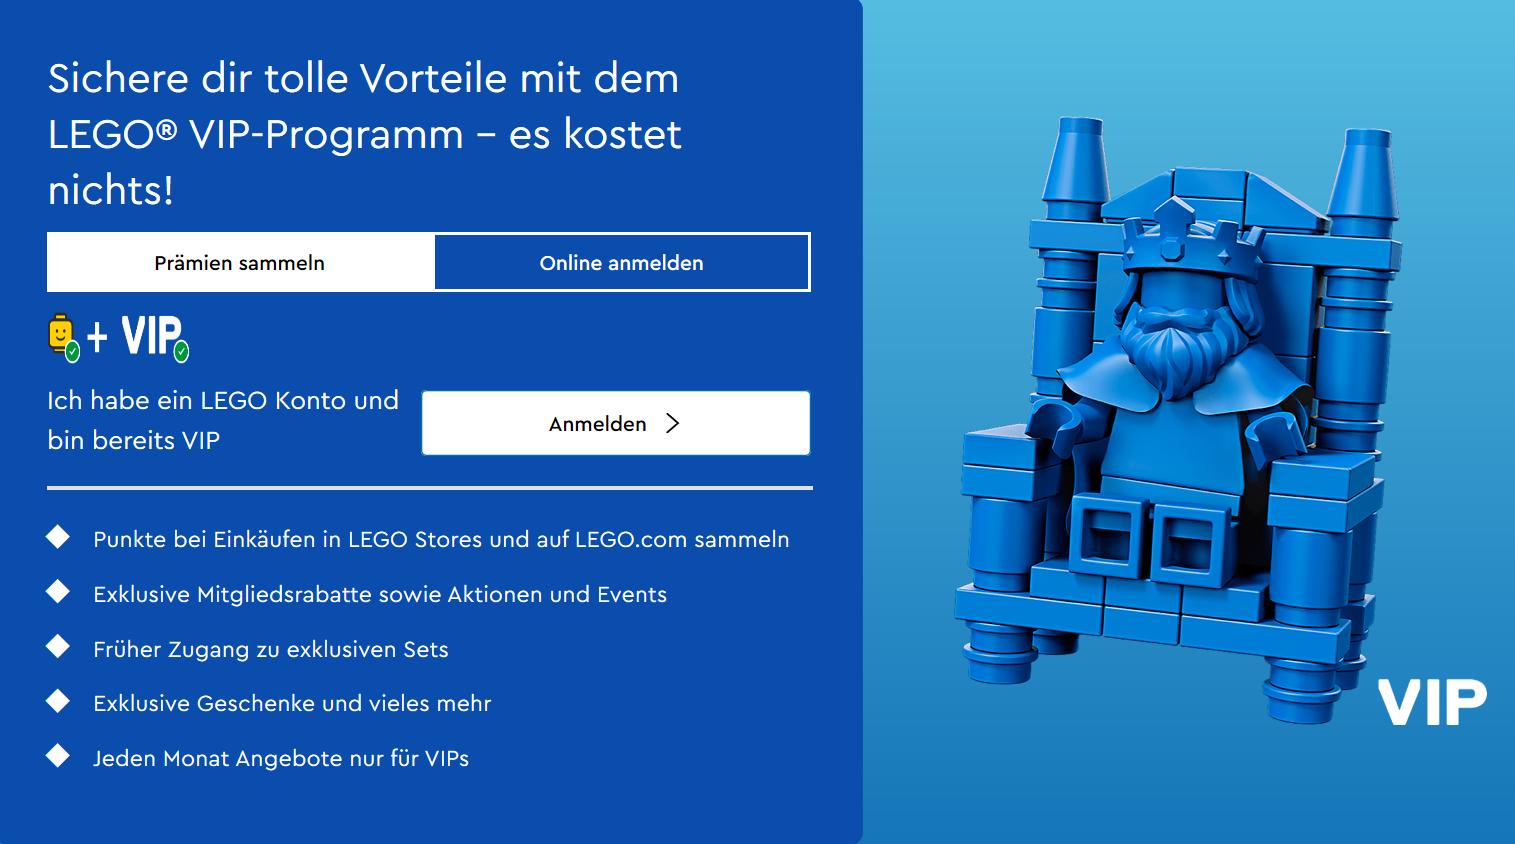 Das LEGO VIP Programm